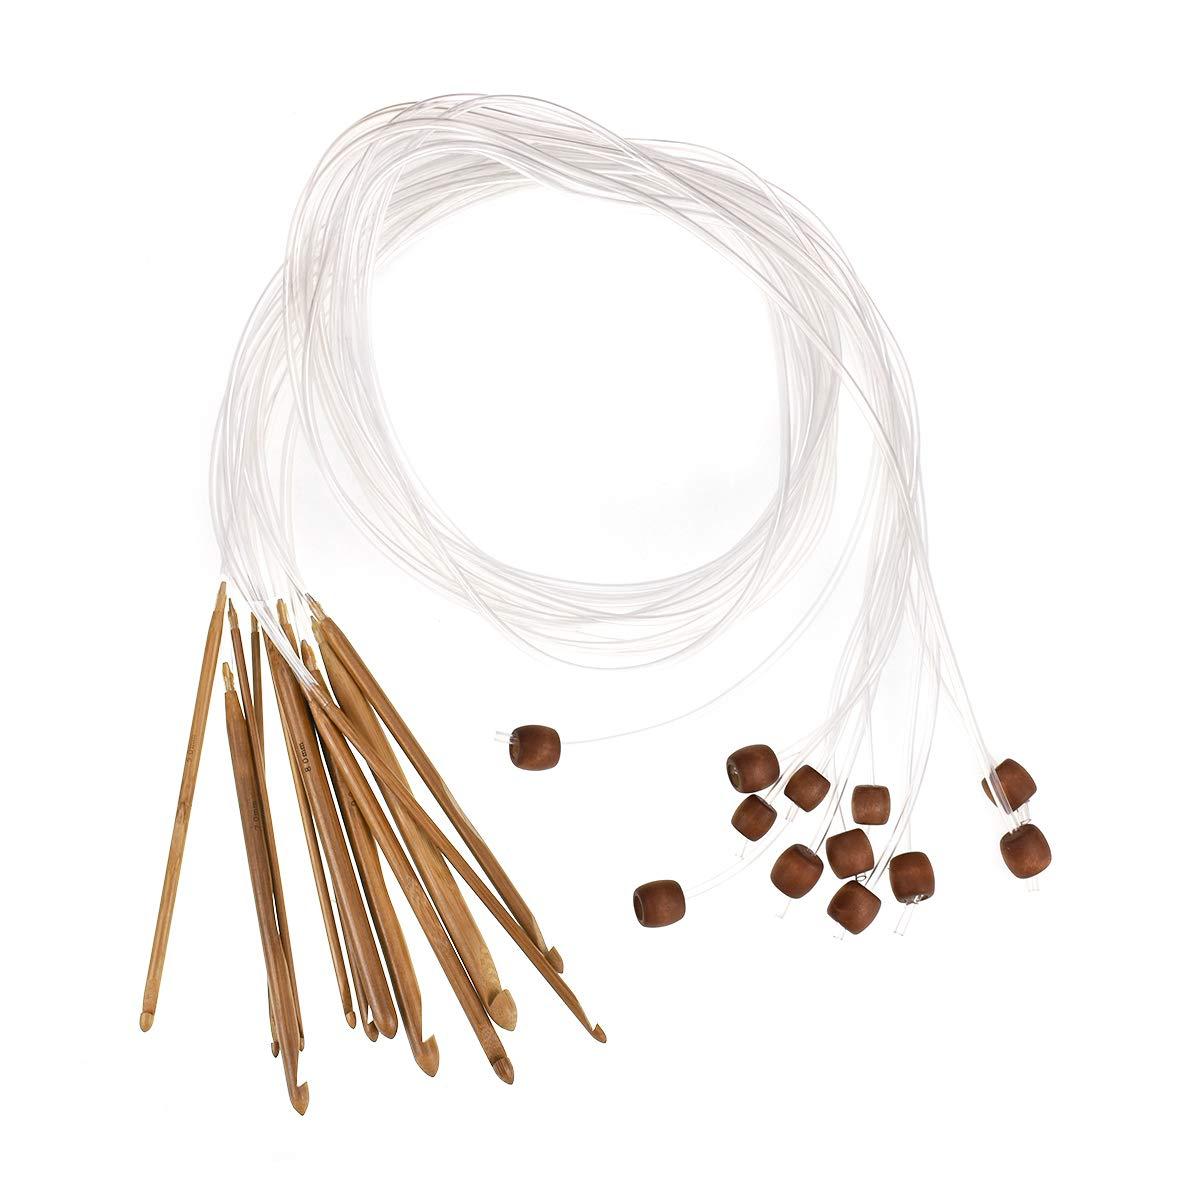 Looen - Juego de 12 Aguja de Crochet tunecinos de 1,2 m d...